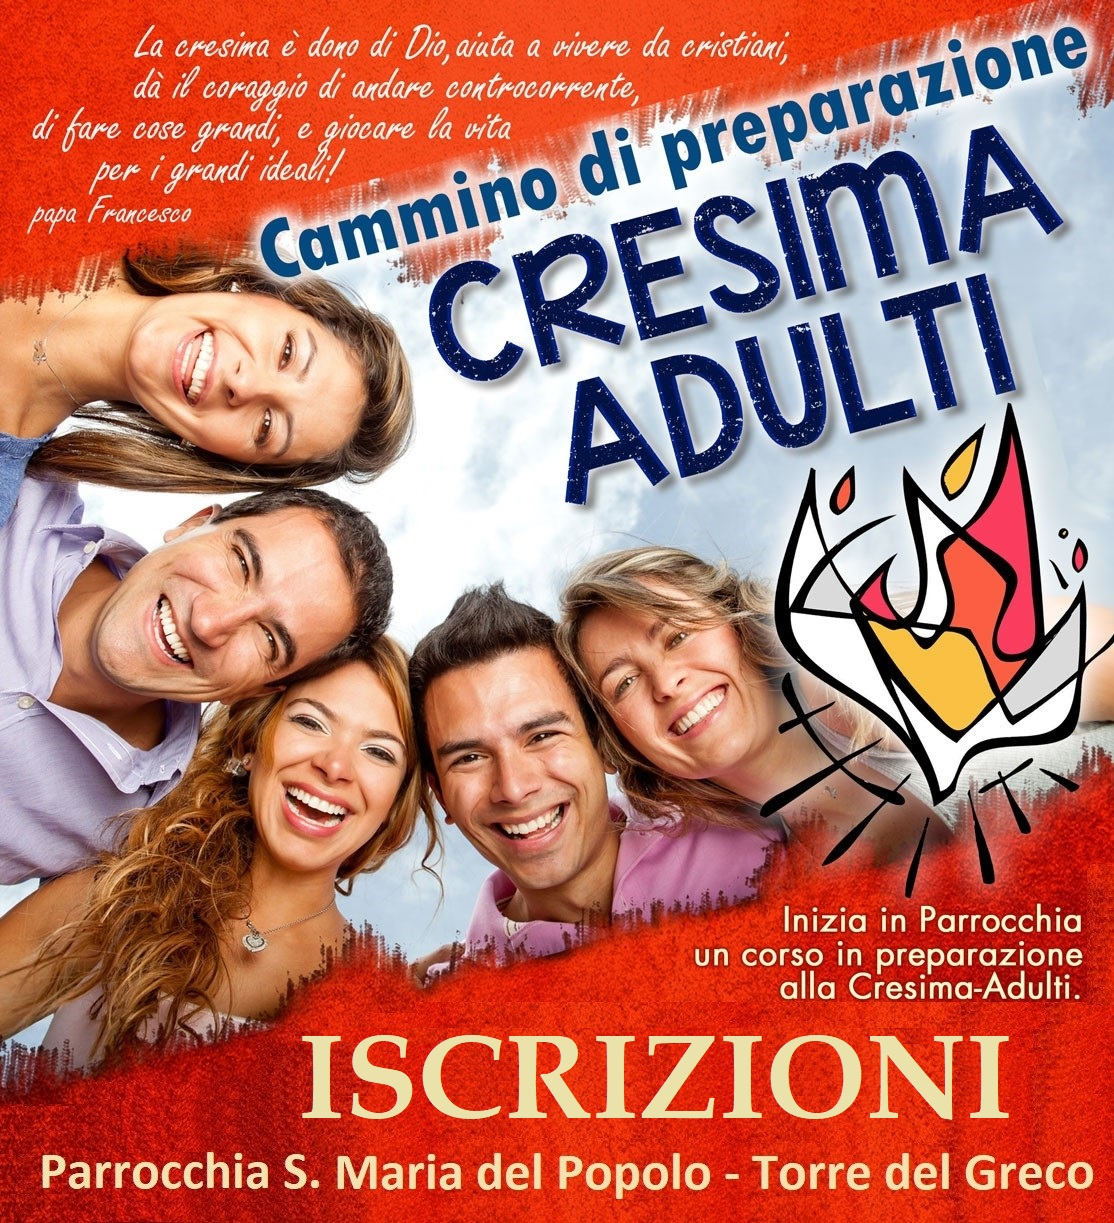 Percorso di prepazione alla Cresima2